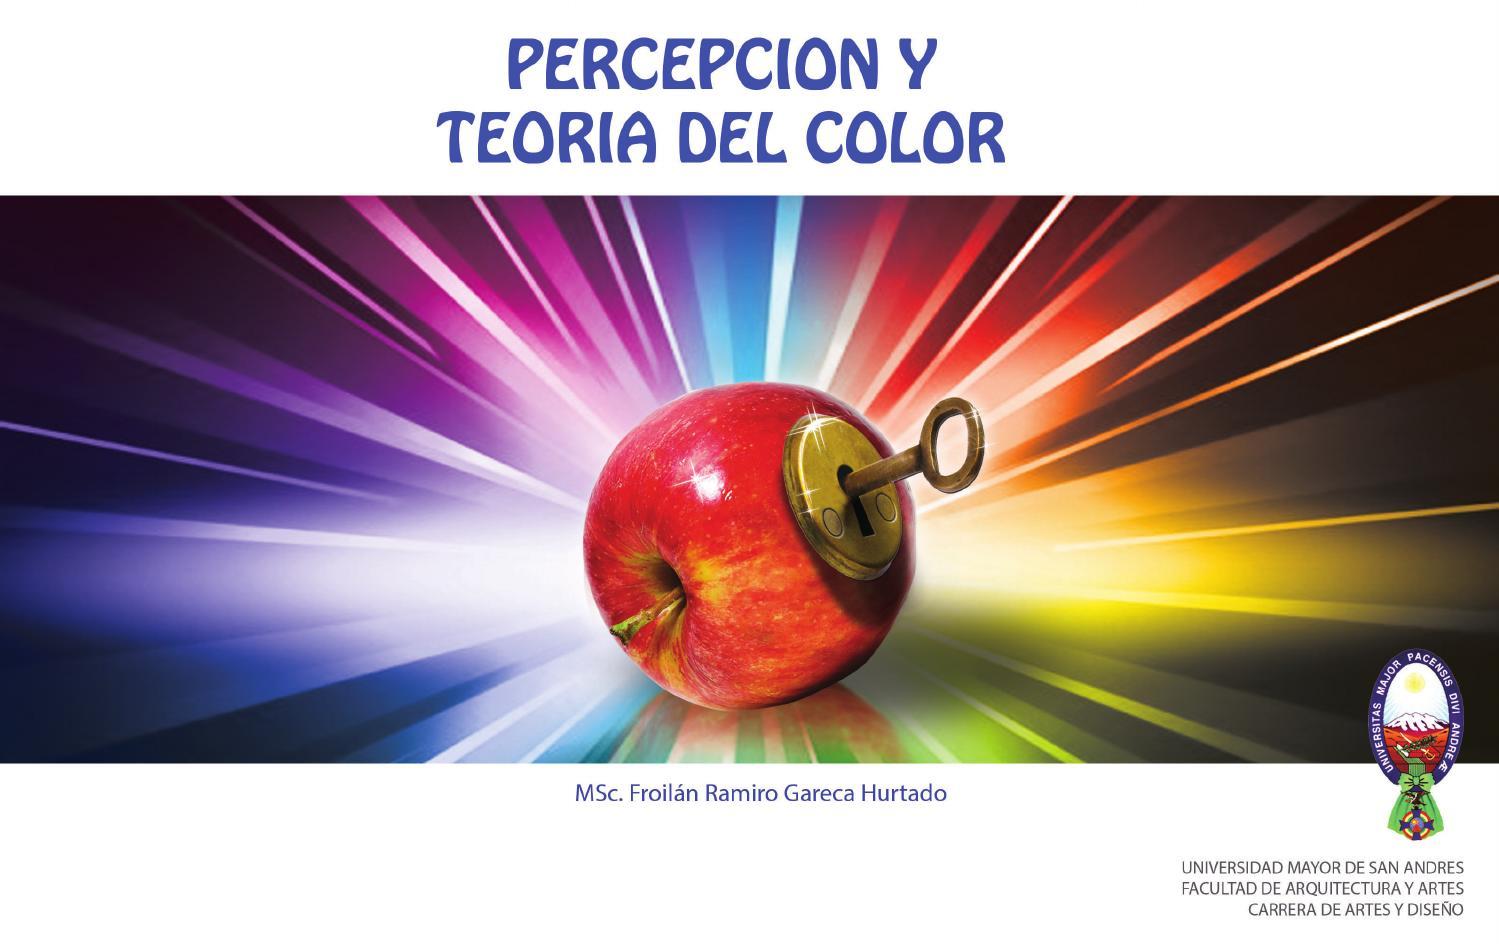 Percepcion y teoria del color by GARECACOLOR - issuu